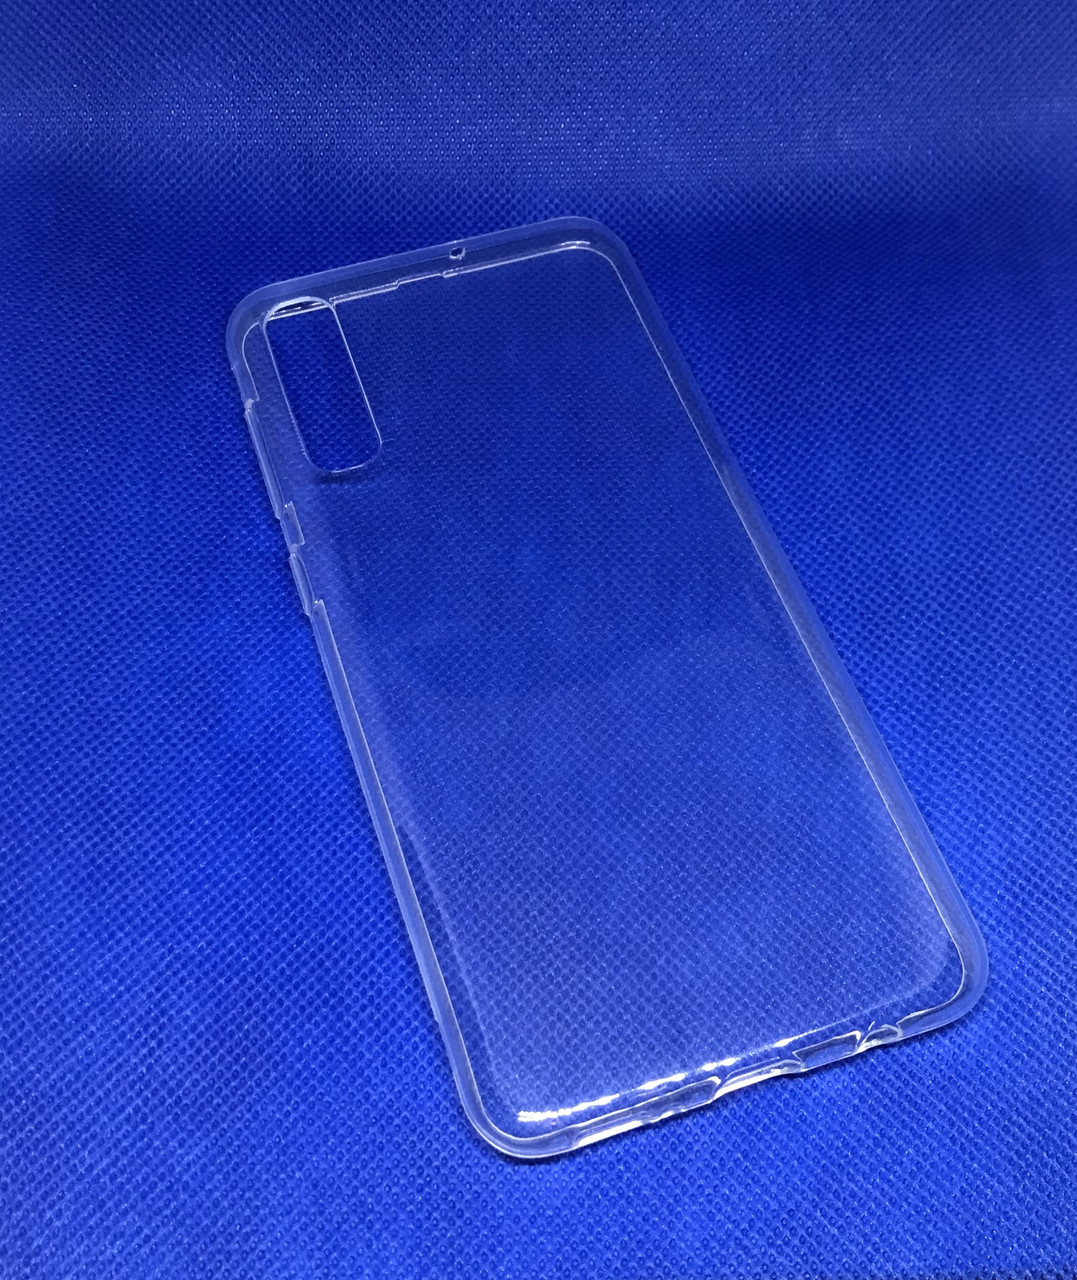 Чехол силиконовый для Samsung Galaxy A50 2019 (A505F) ультратонкий прозрачный